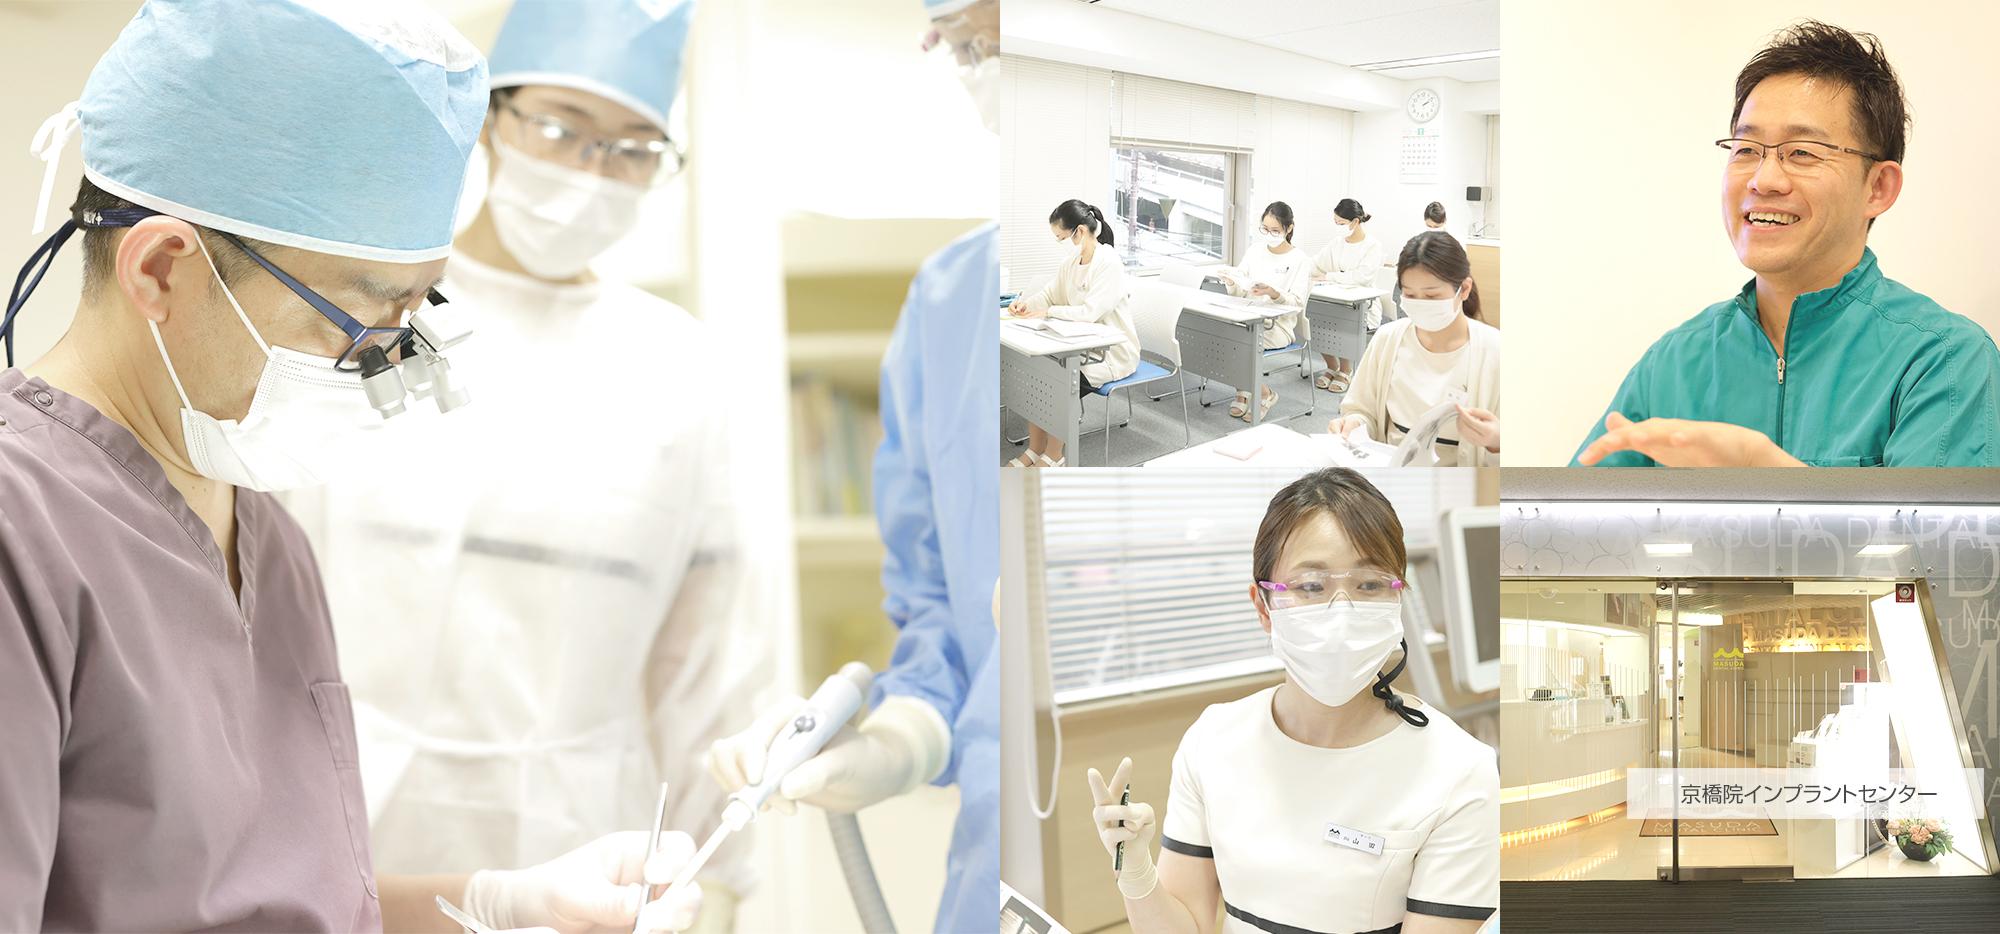 増田歯科医院 京橋院